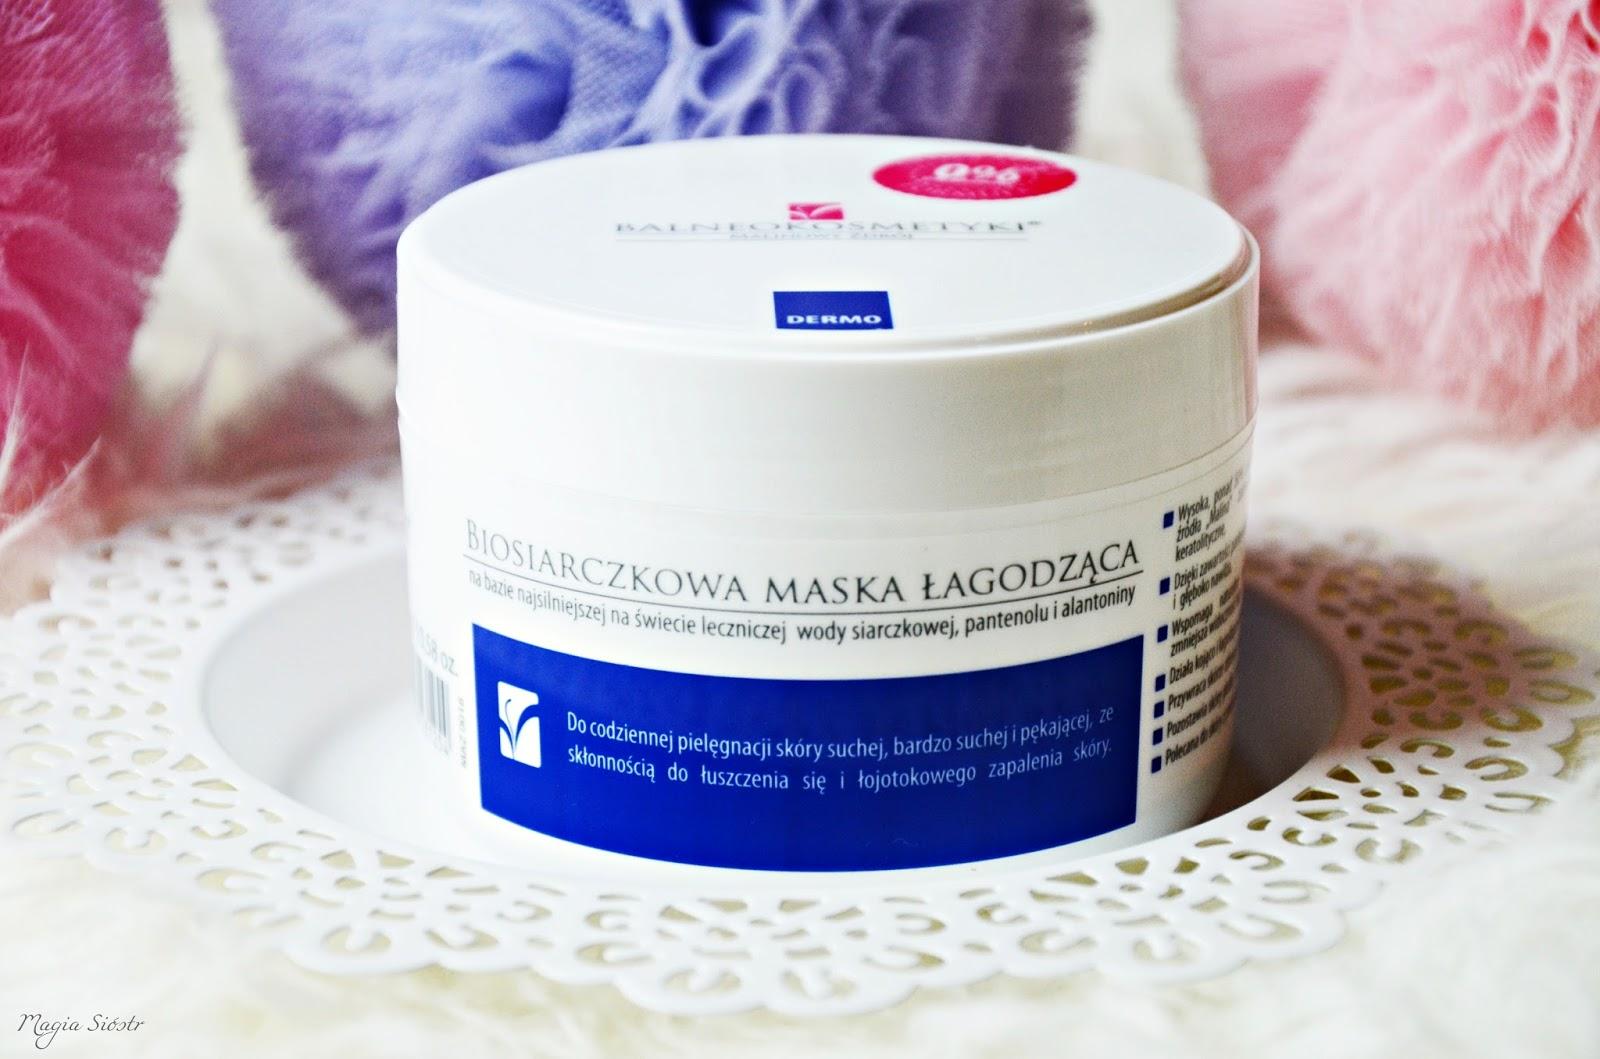 kosmetyki naturalne, kosmetyki ekologiczne, pielęgnacja ciała